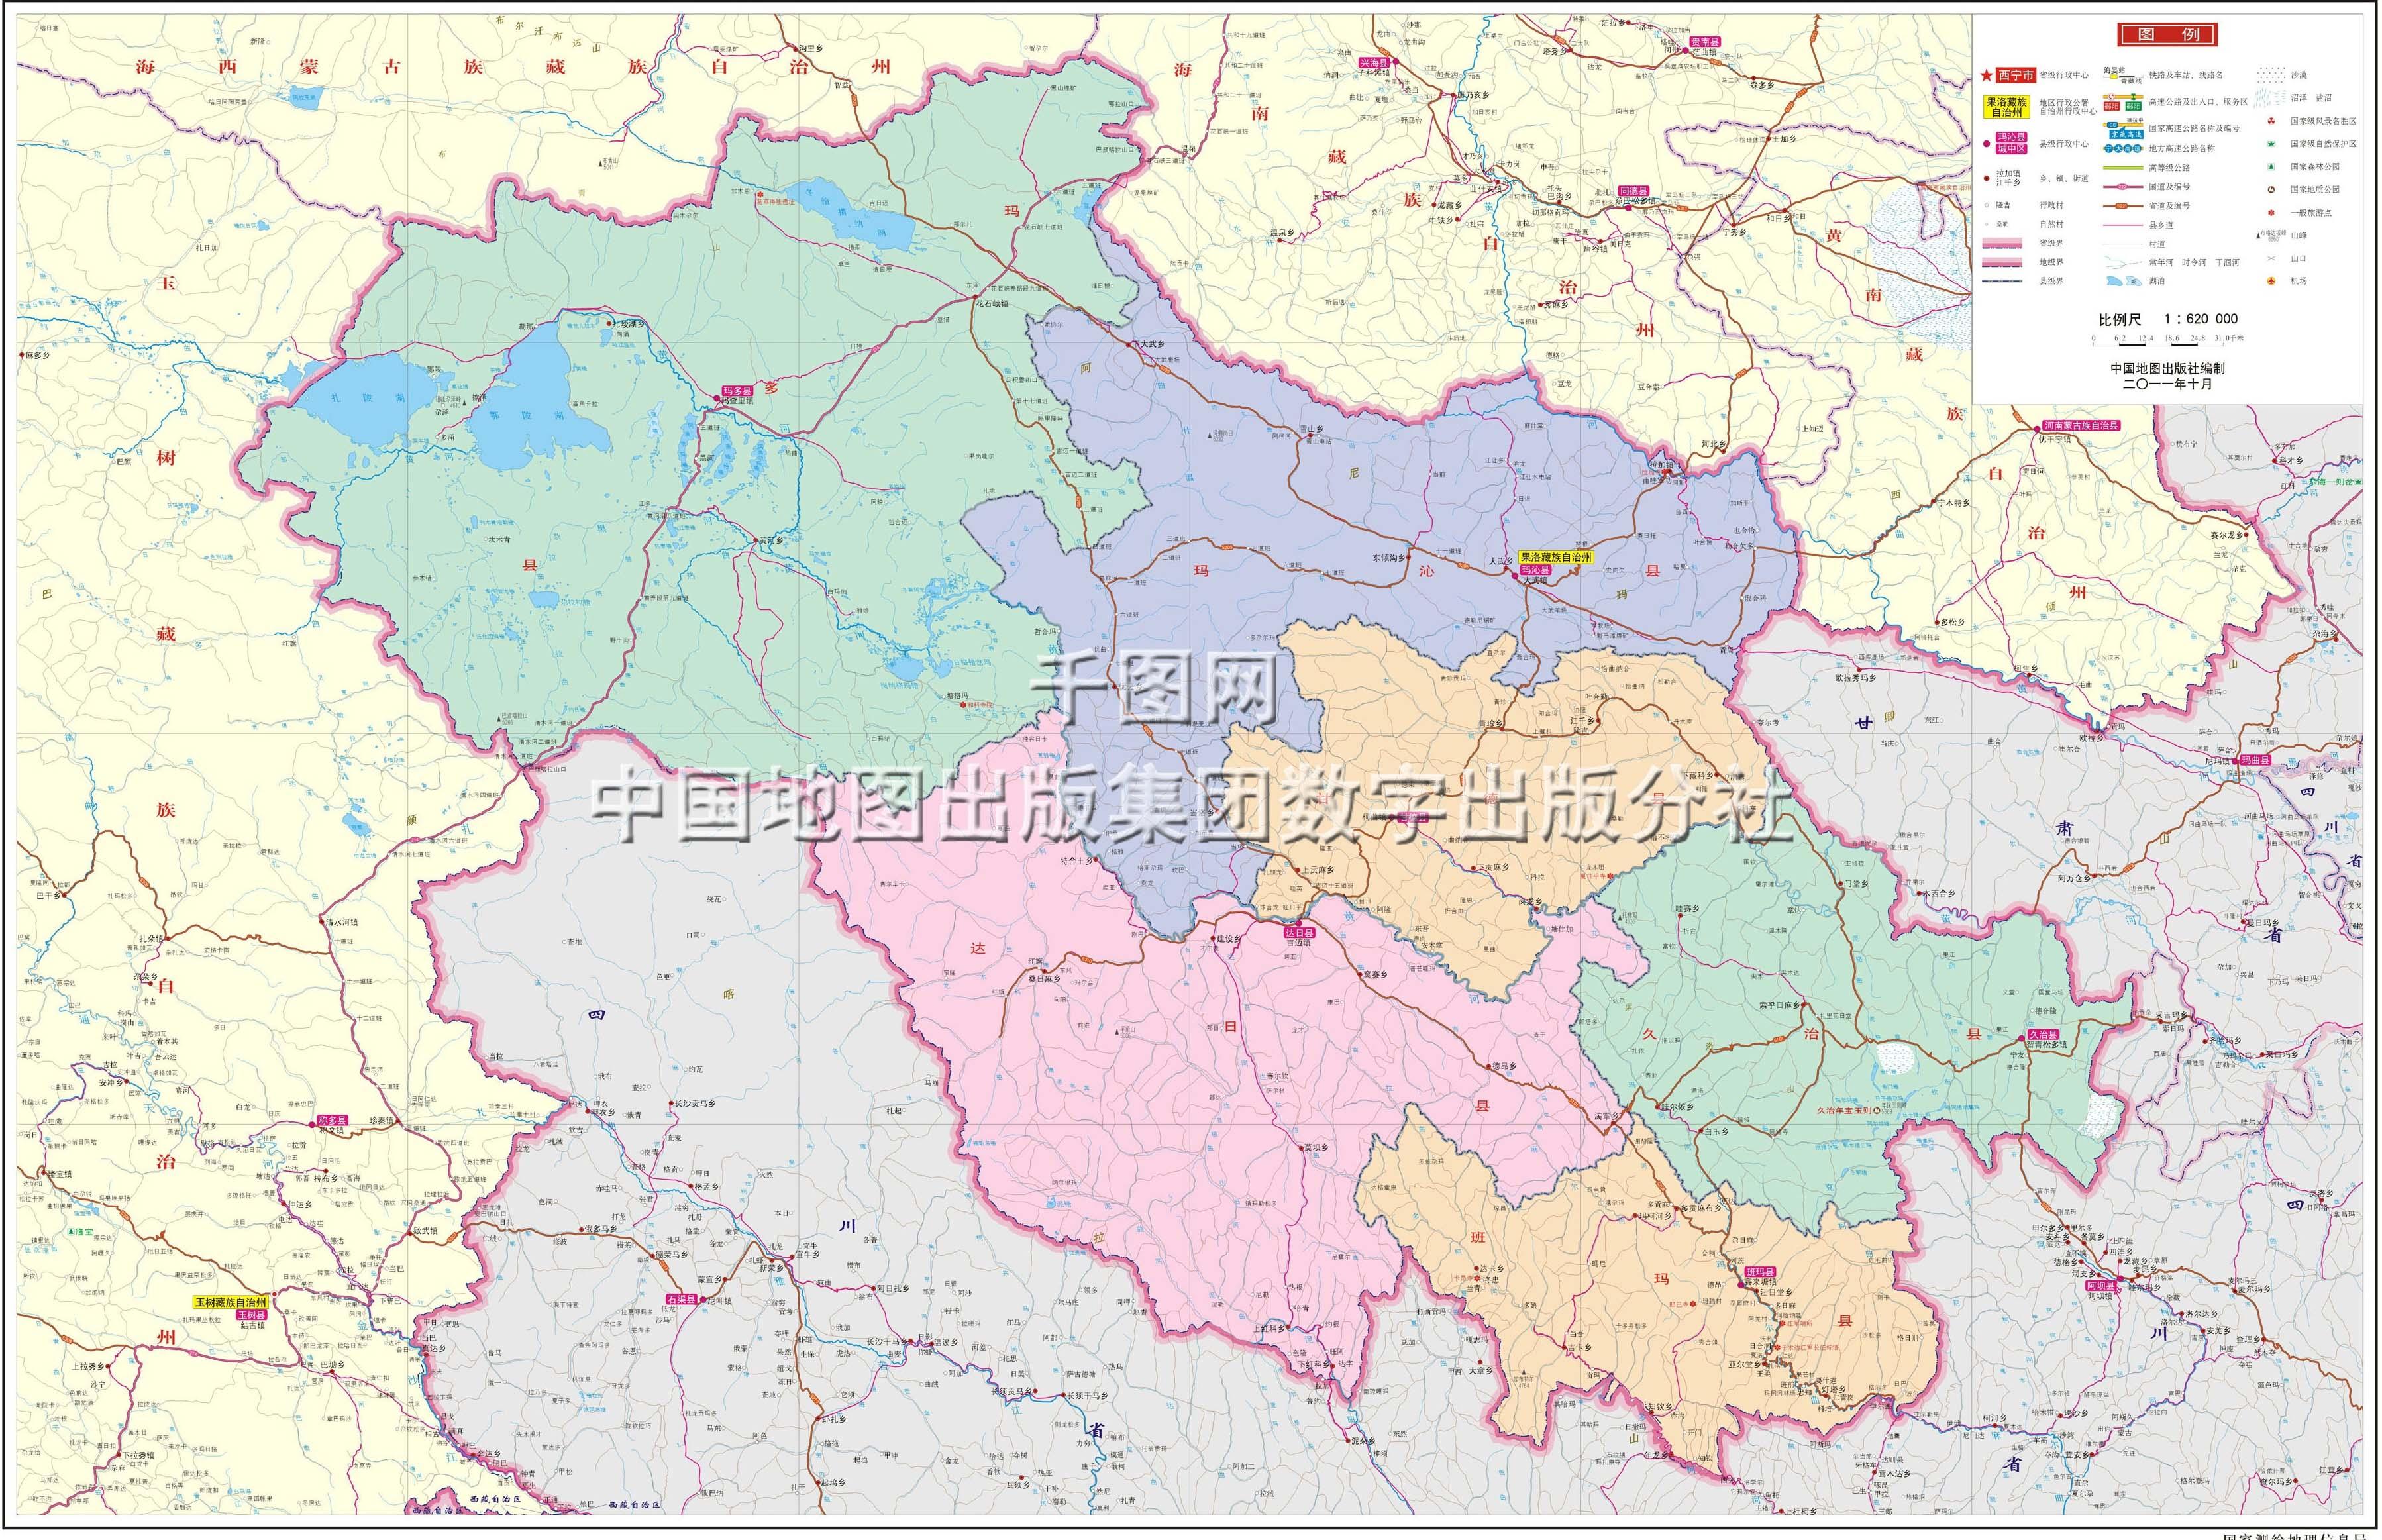 果洛藏族自治州地图高清版